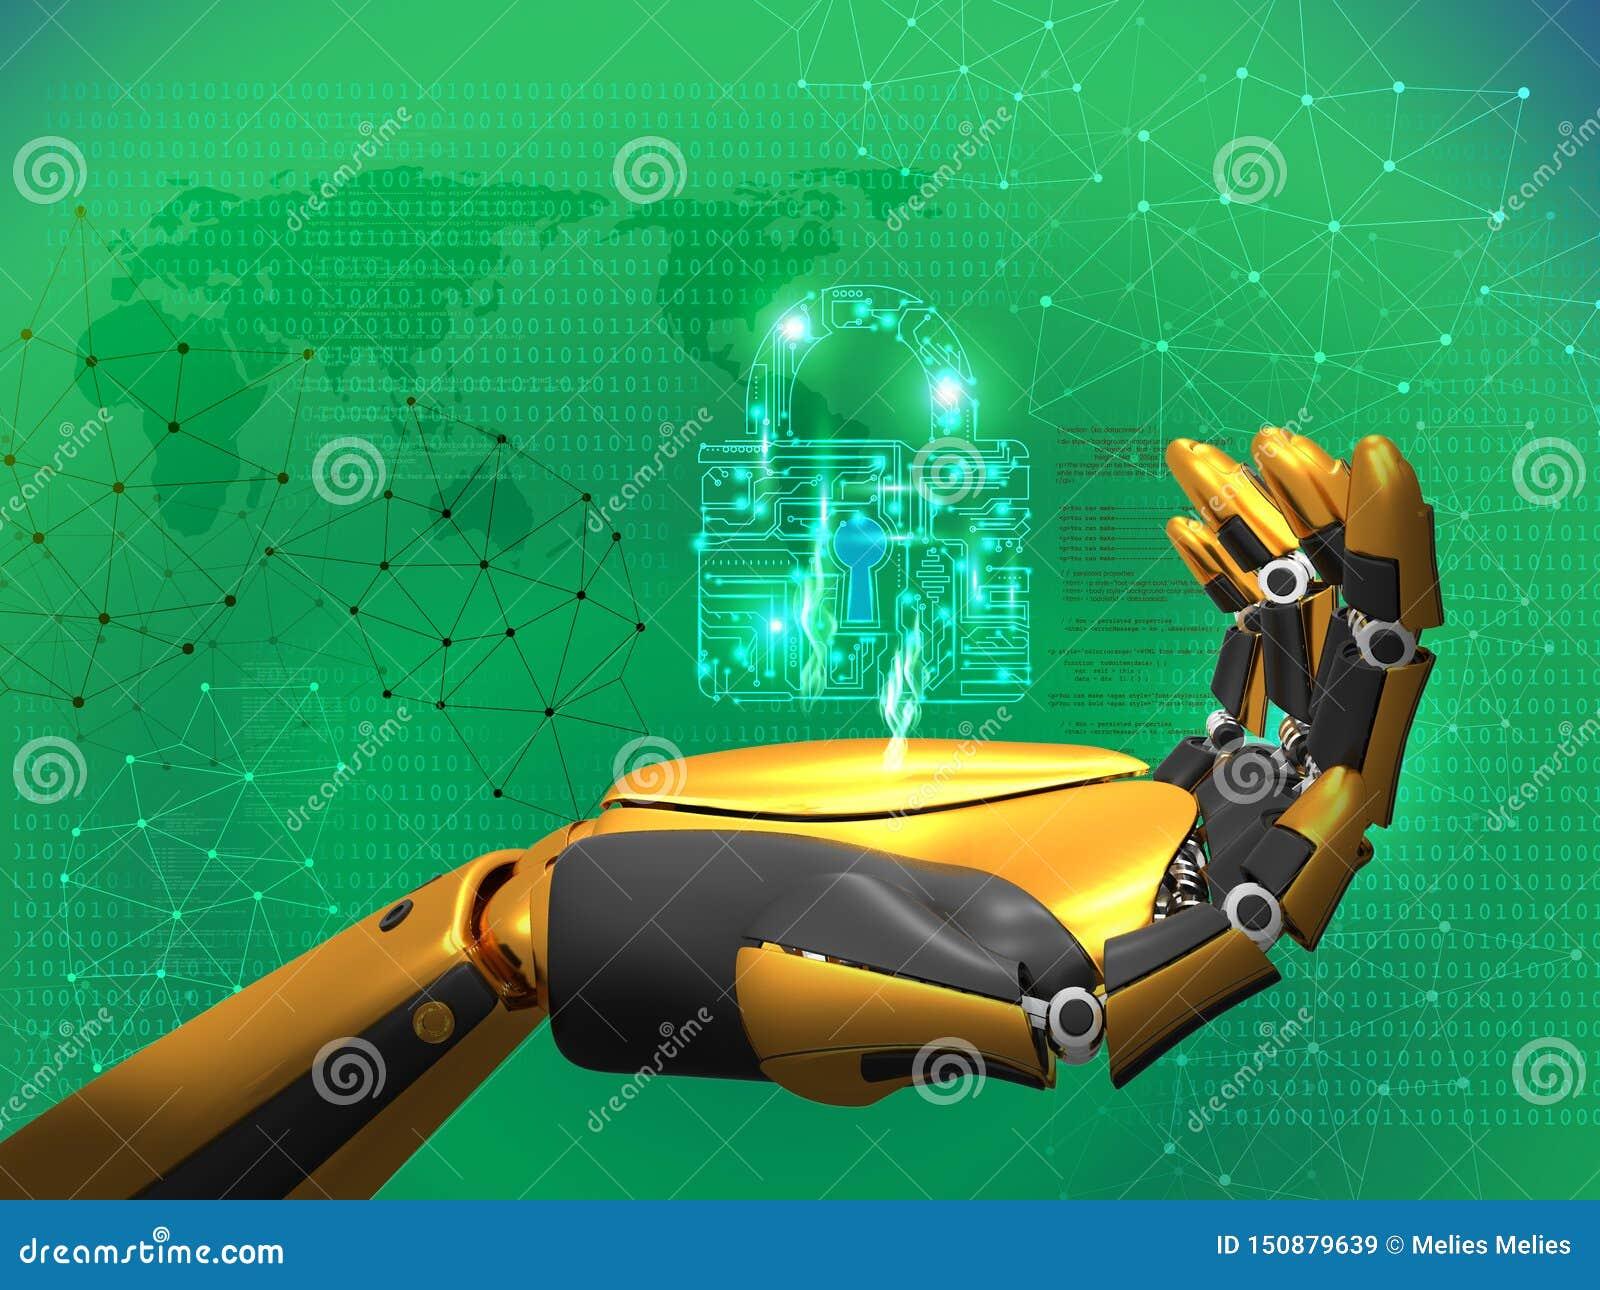 Τεχνητή νοημοσύνη, ασφάλεια δεδομένων, έννοια μυστικότητας, κλειδαριά εκμετάλλευσης ρομπότ, τρισδιάστατο δίνοντας αφηρημένο μπλε